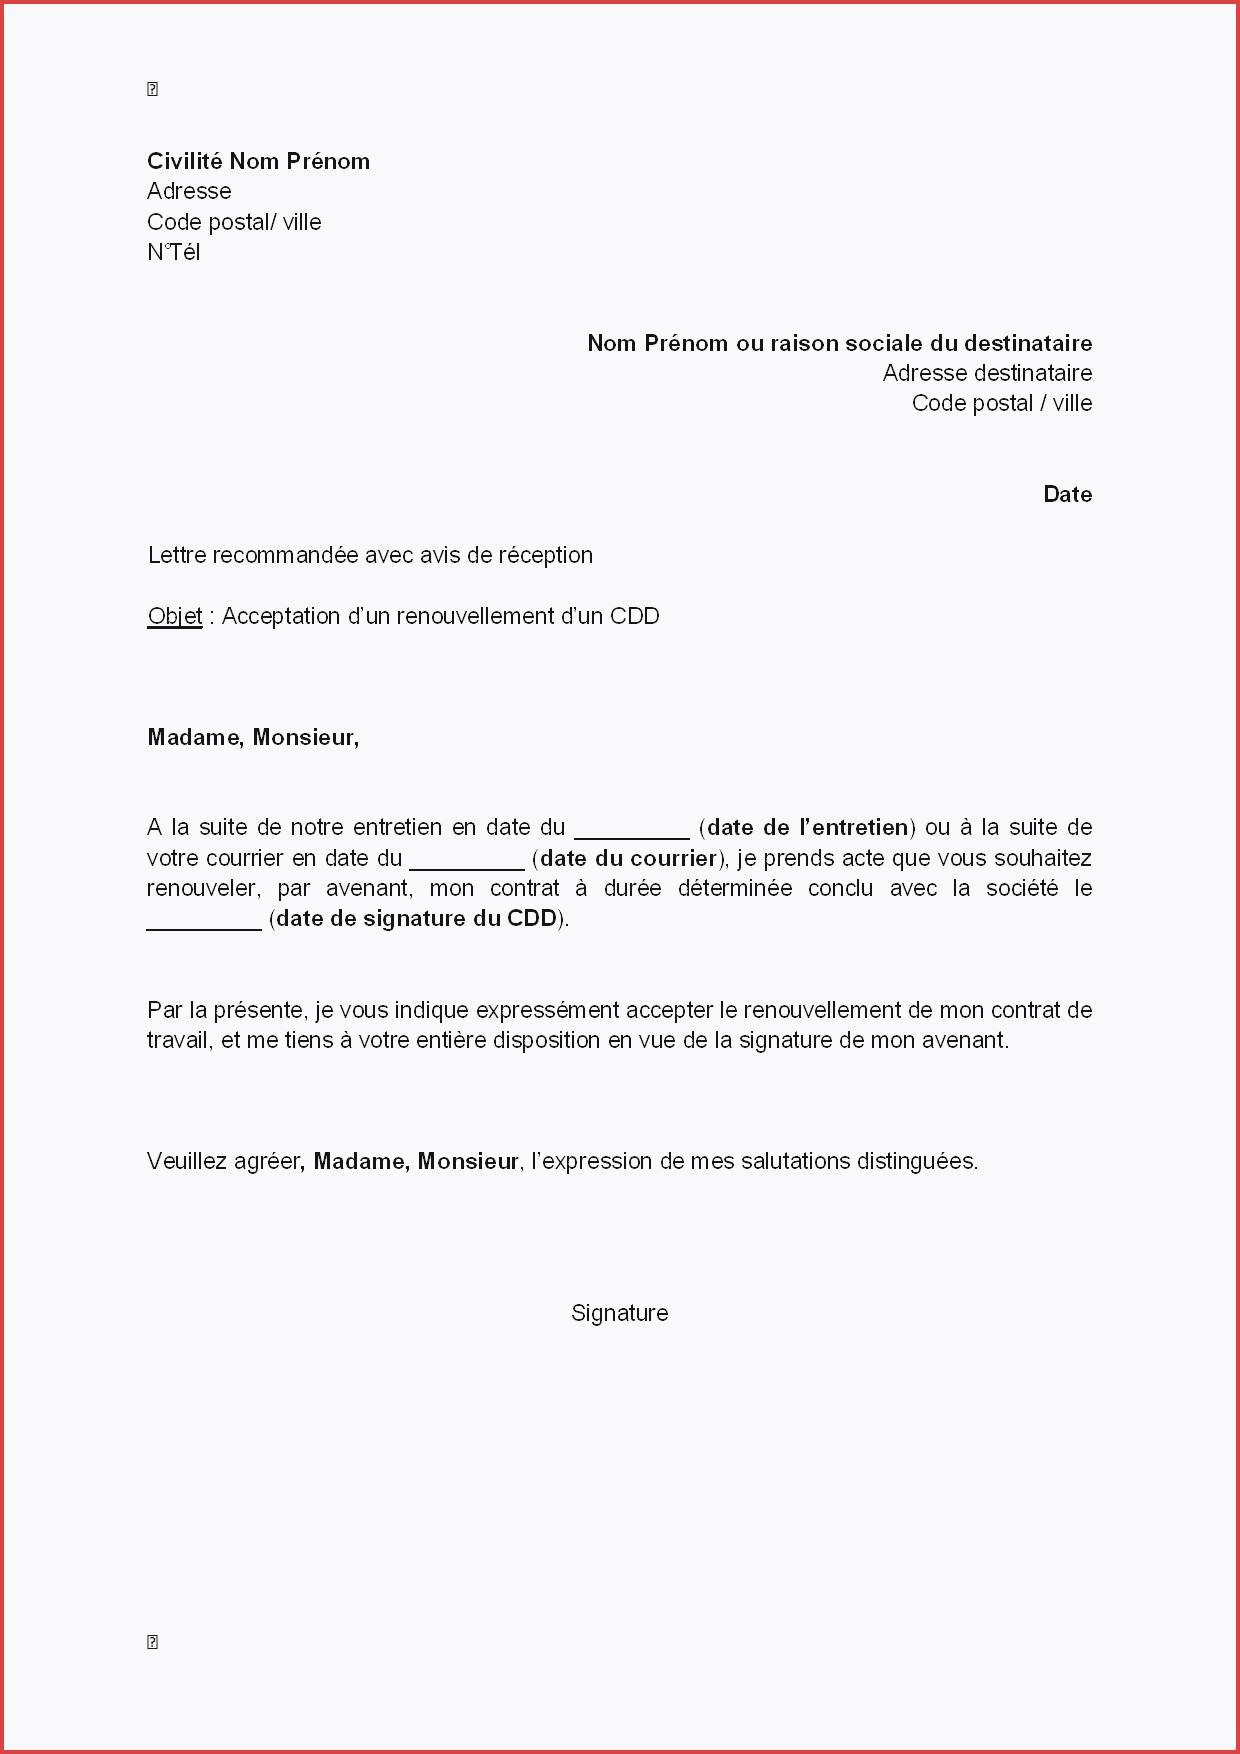 Lettre de motivation appartement location - laboite-cv.fr